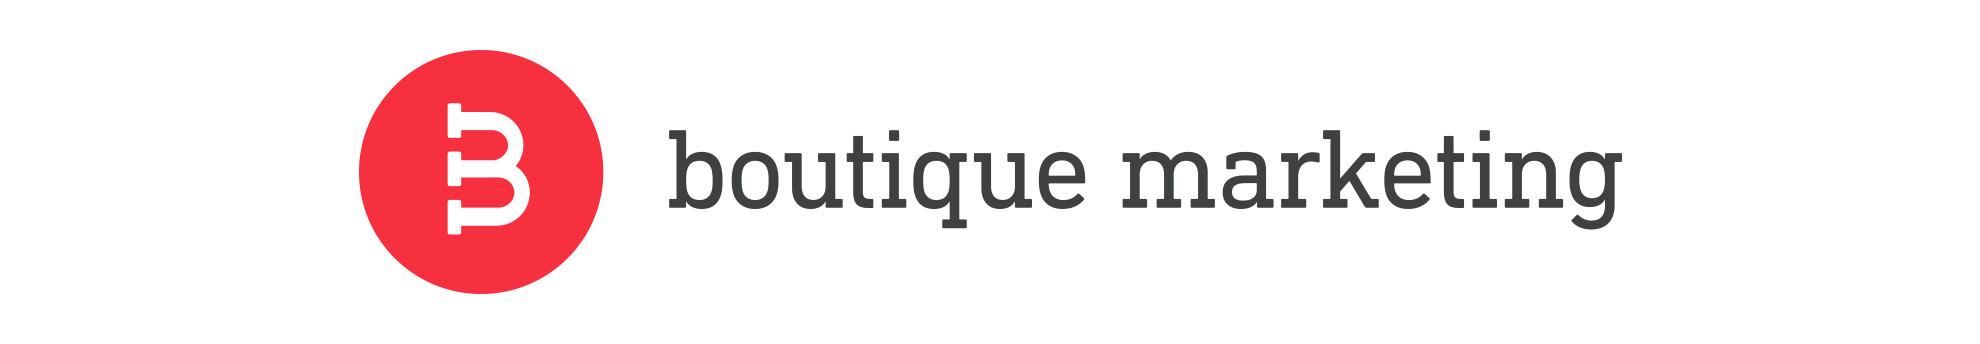 Boutique_Marketing.jpg